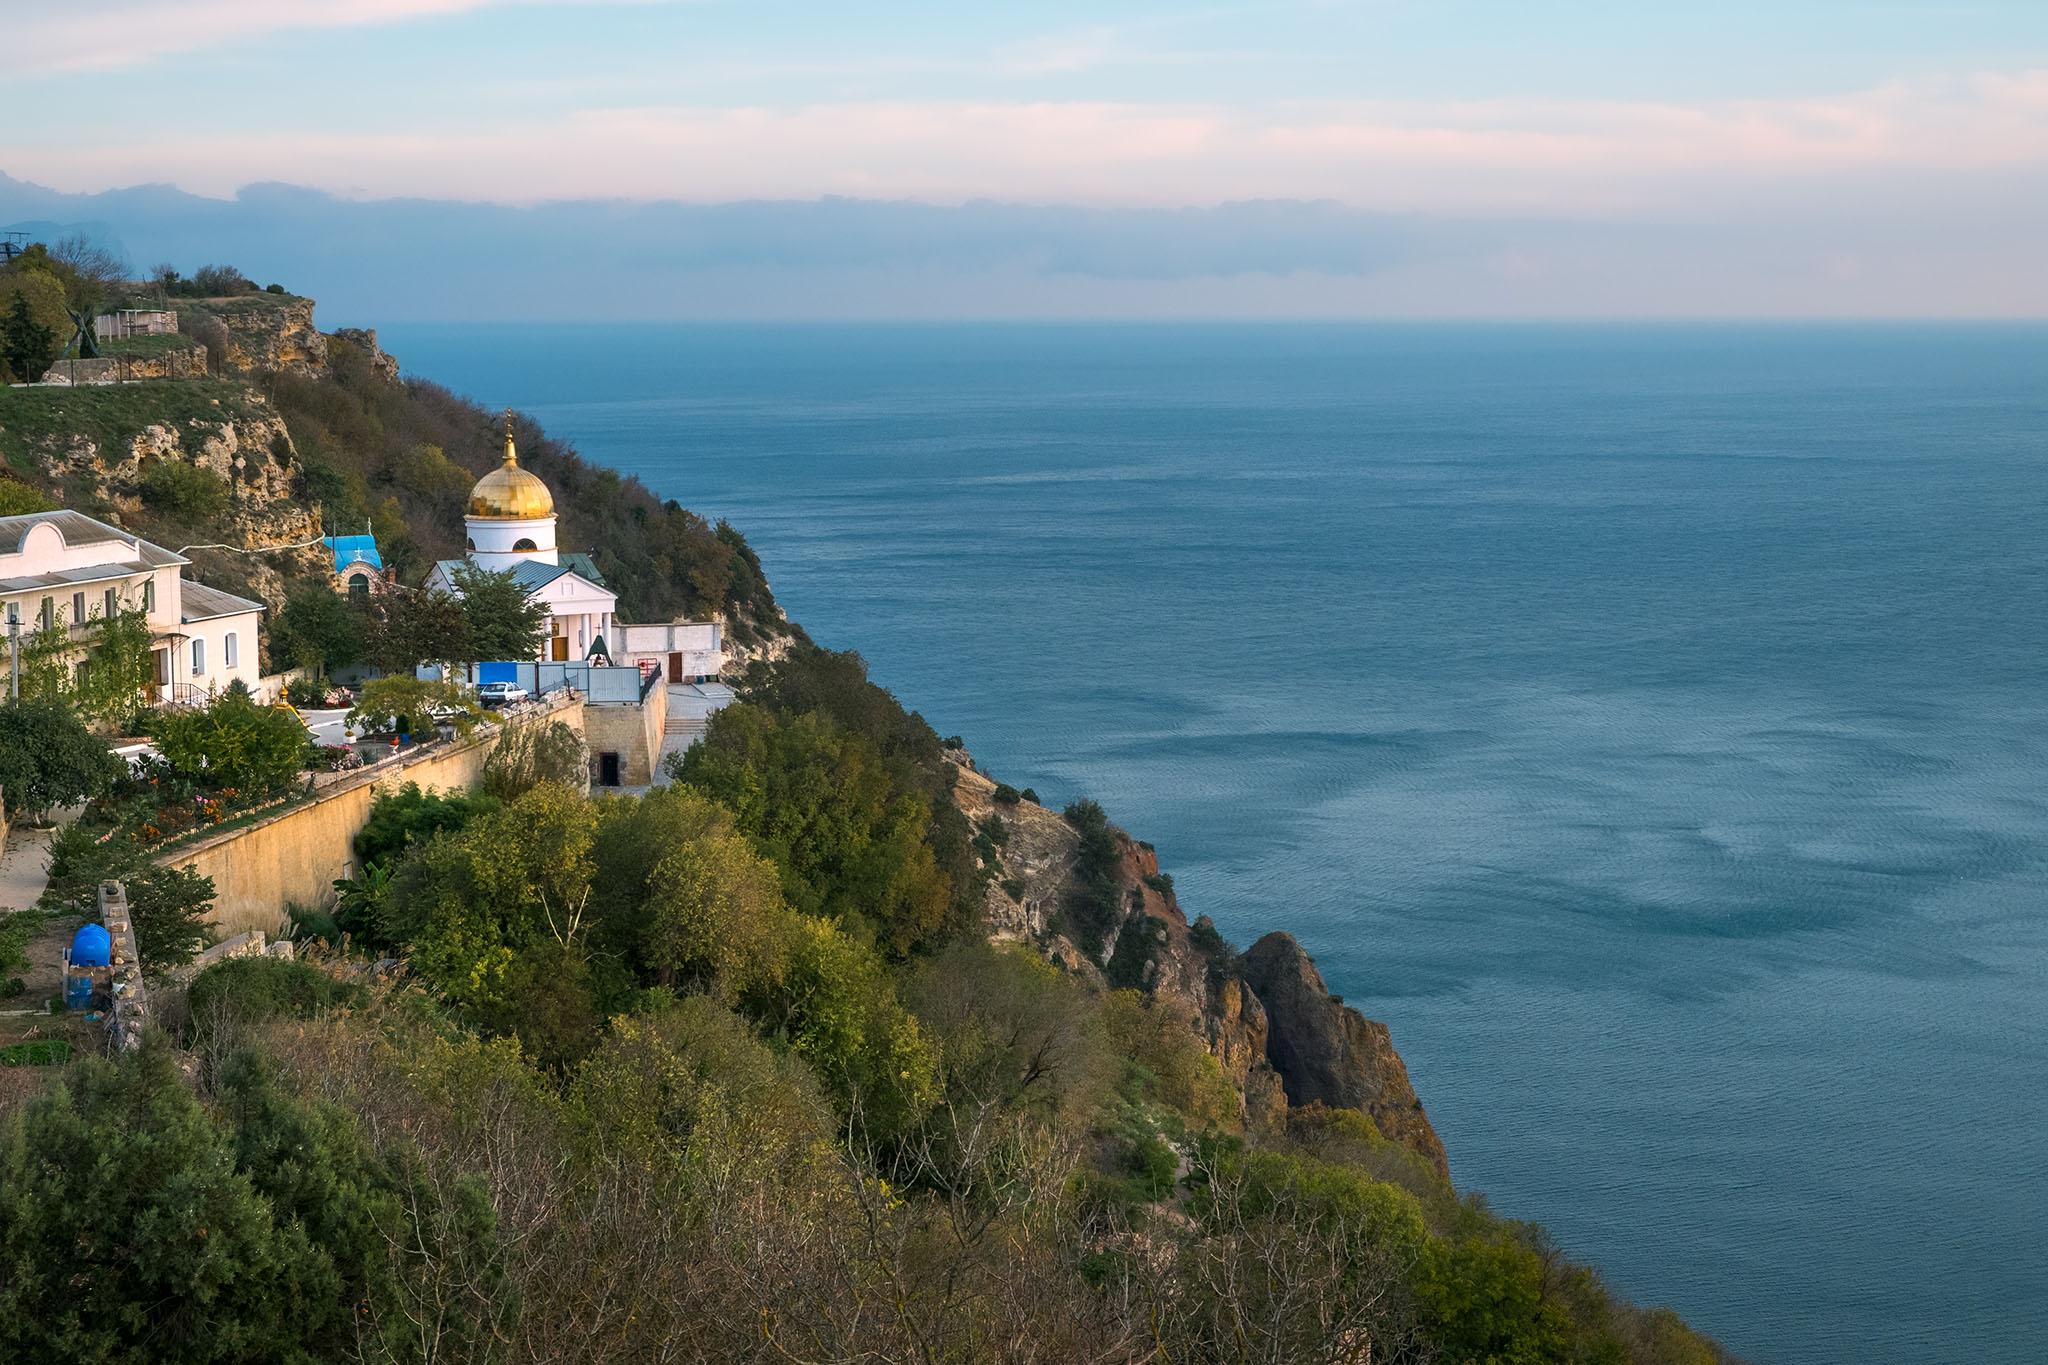 Монастырь Святого Георгия в Балаклаве